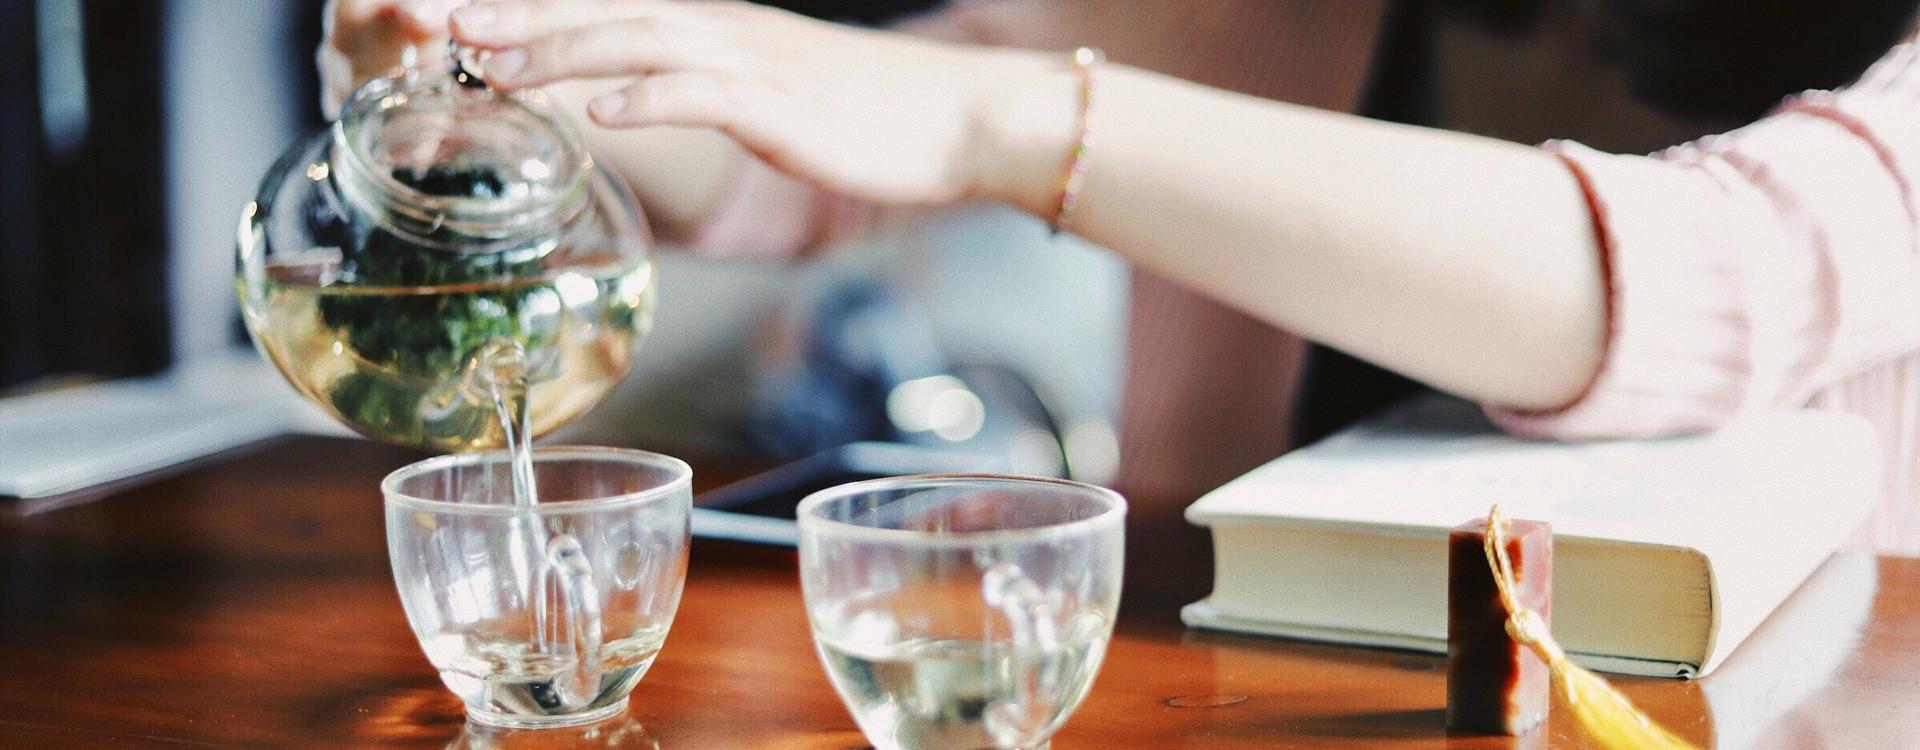 Thé et minceur: 6 infos pour y voir plus clair